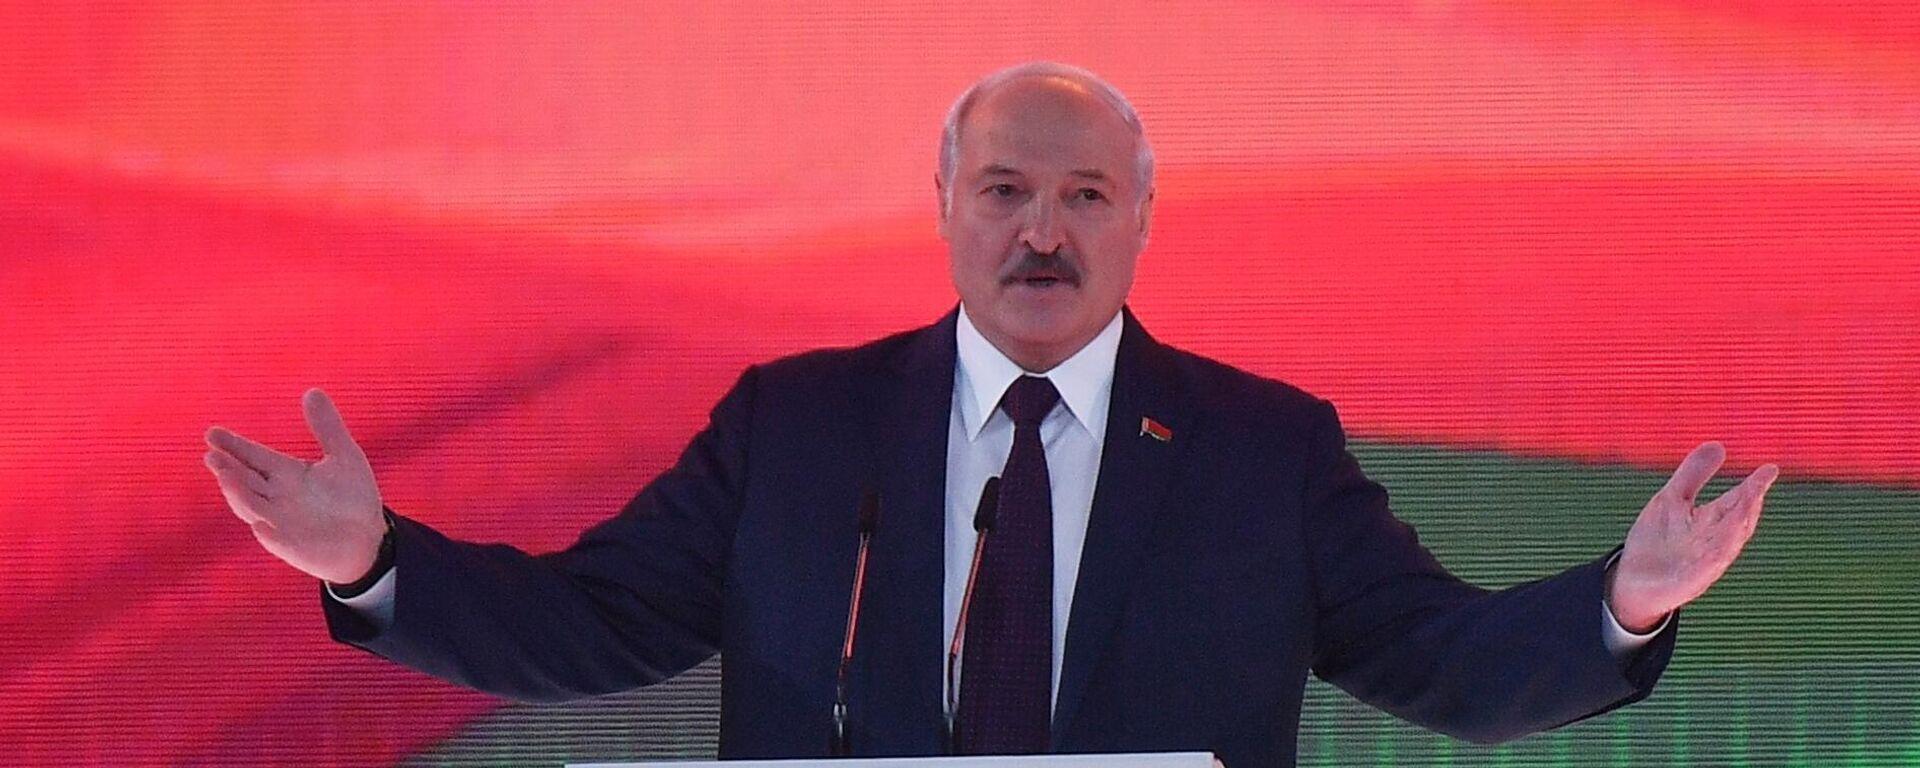 Выступление президента Белоруссии Александра Лукашенко - Sputnik Тоҷикистон, 1920, 18.09.2021